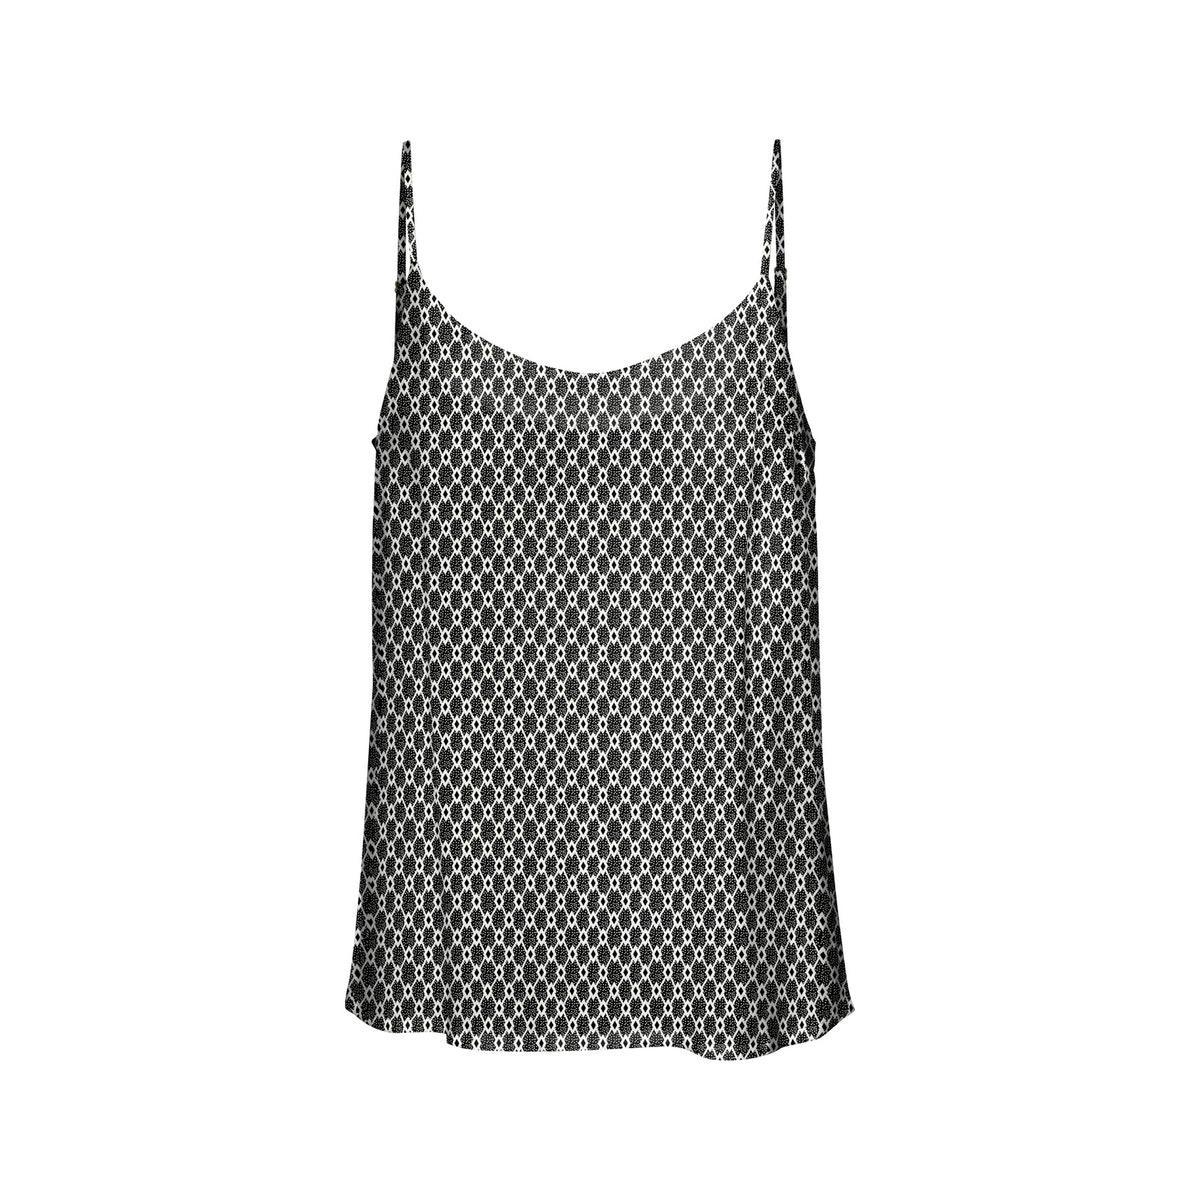 vmsimply easy singlet top wvn ga 10227820 vero moda top black/felicia